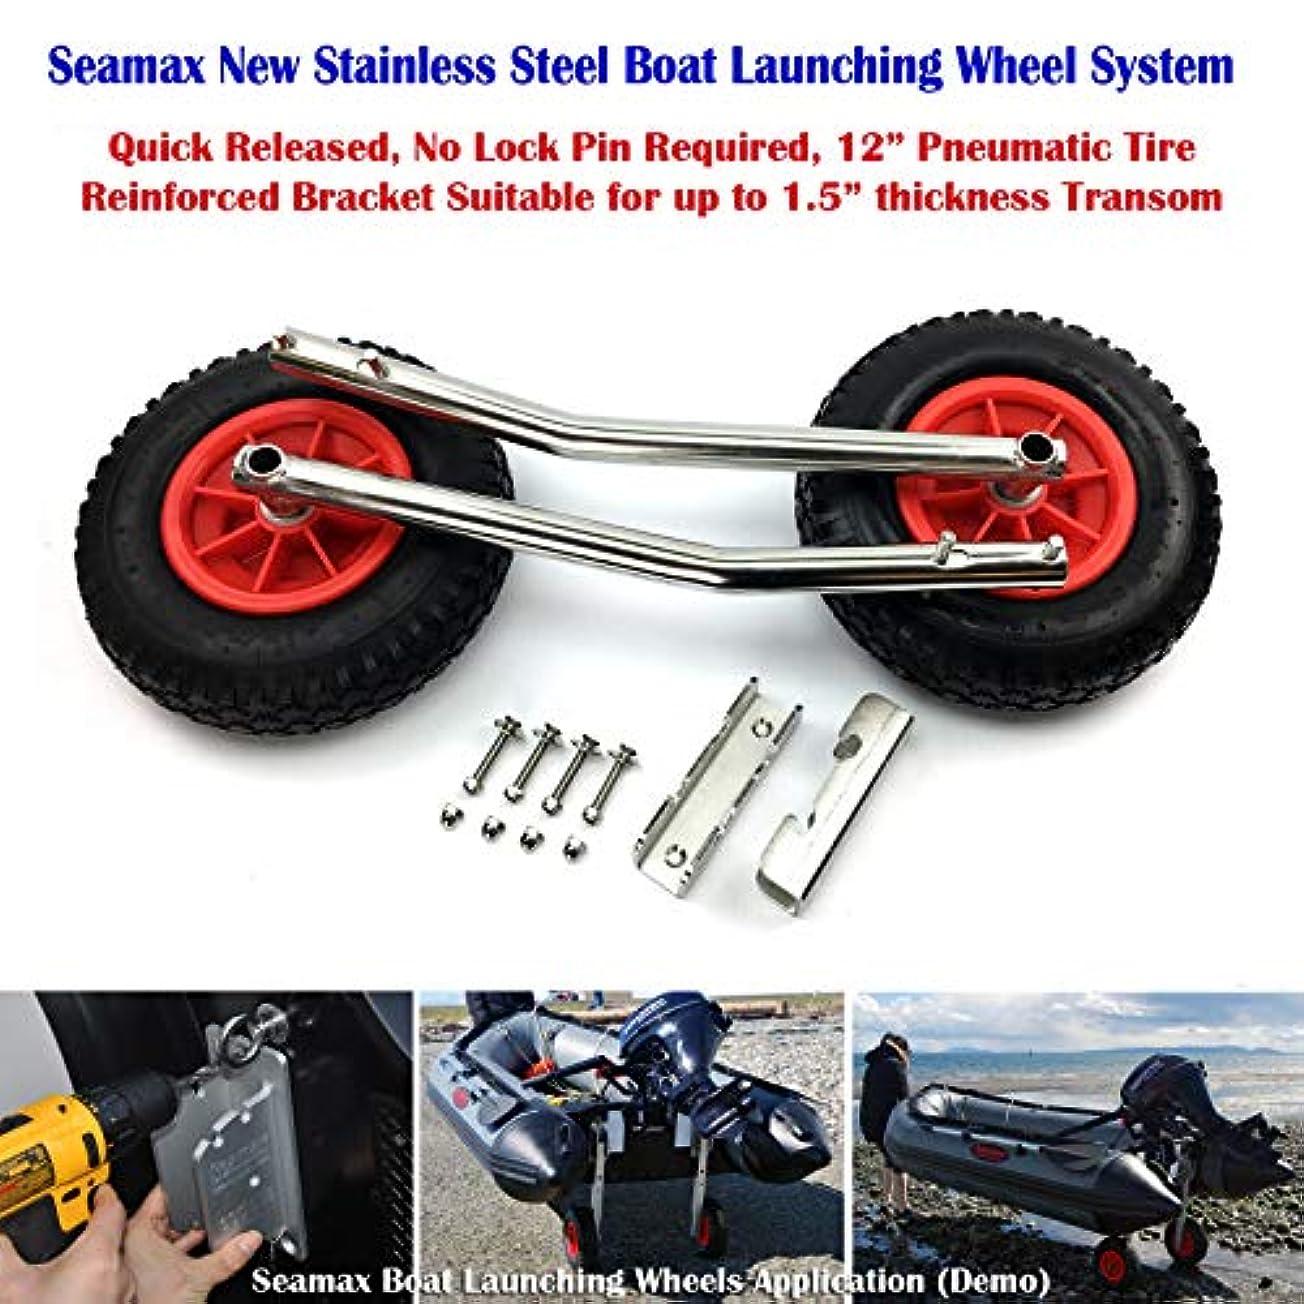 ゆりポーンチートSEAMAX ステンレススチール製 トランサムローンチドリー 12インチホイール付き 空気注入式ボートとアルミボート用